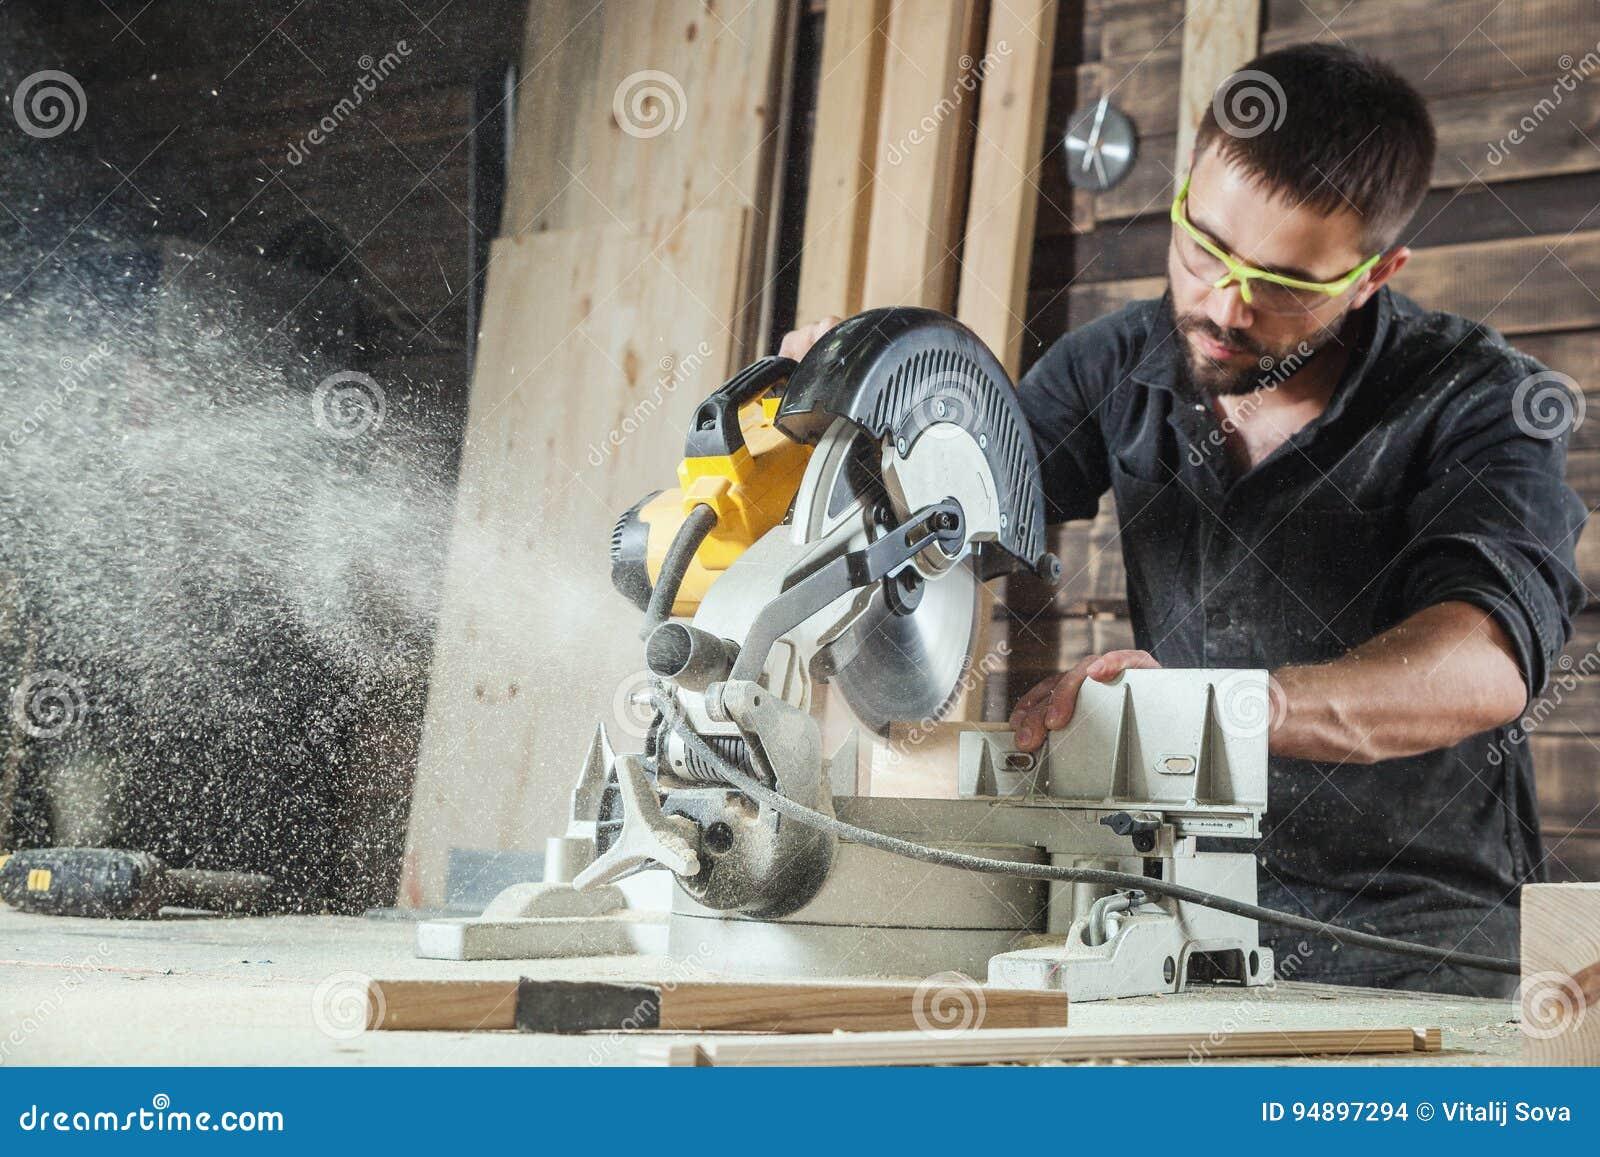 Tischler sägt eine Kreissäge